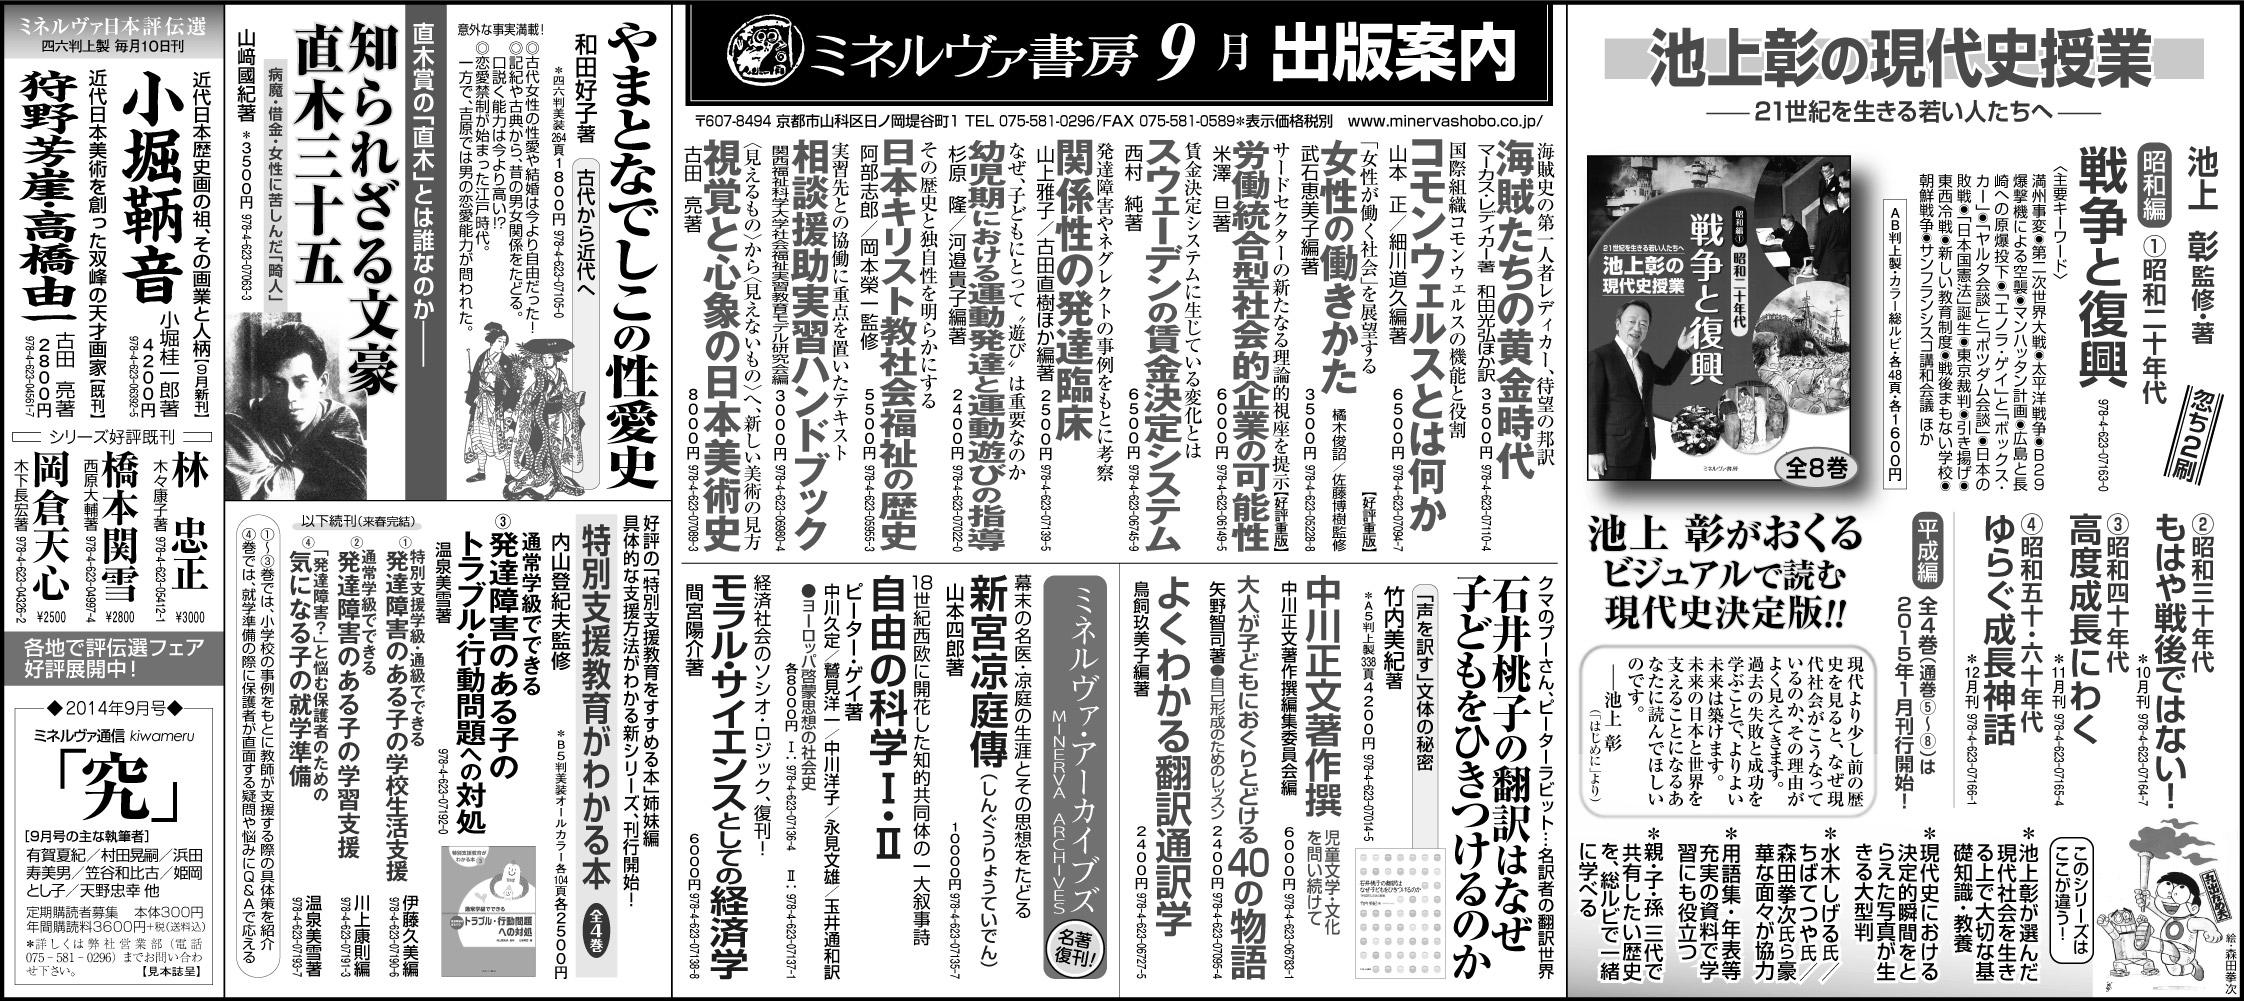 日本経済新聞全5段広告2014年9月14日掲載